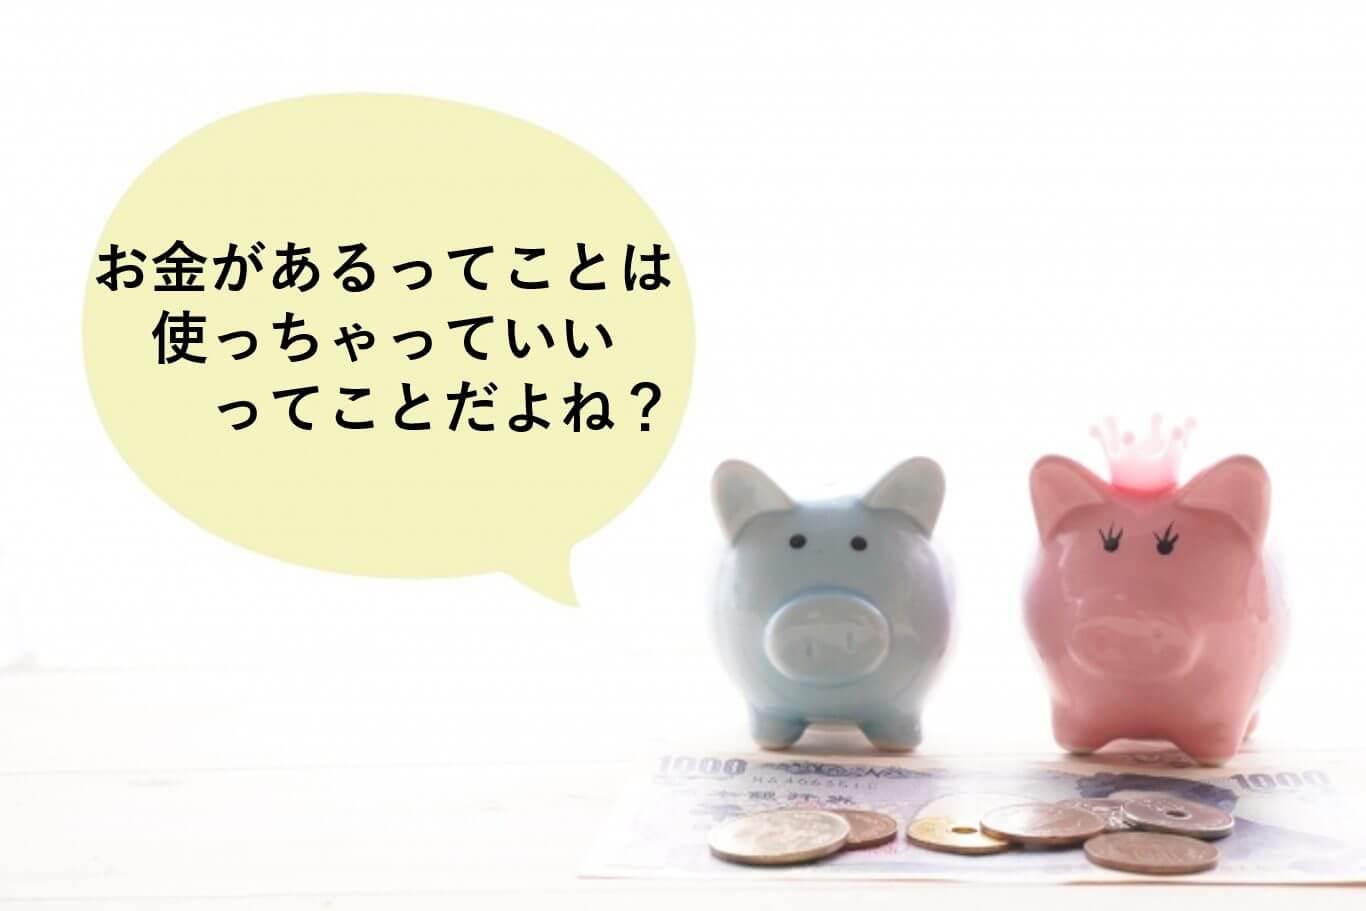 「最初から隠す」で決まり!超簡単にまるっとお金を貯めるコツ